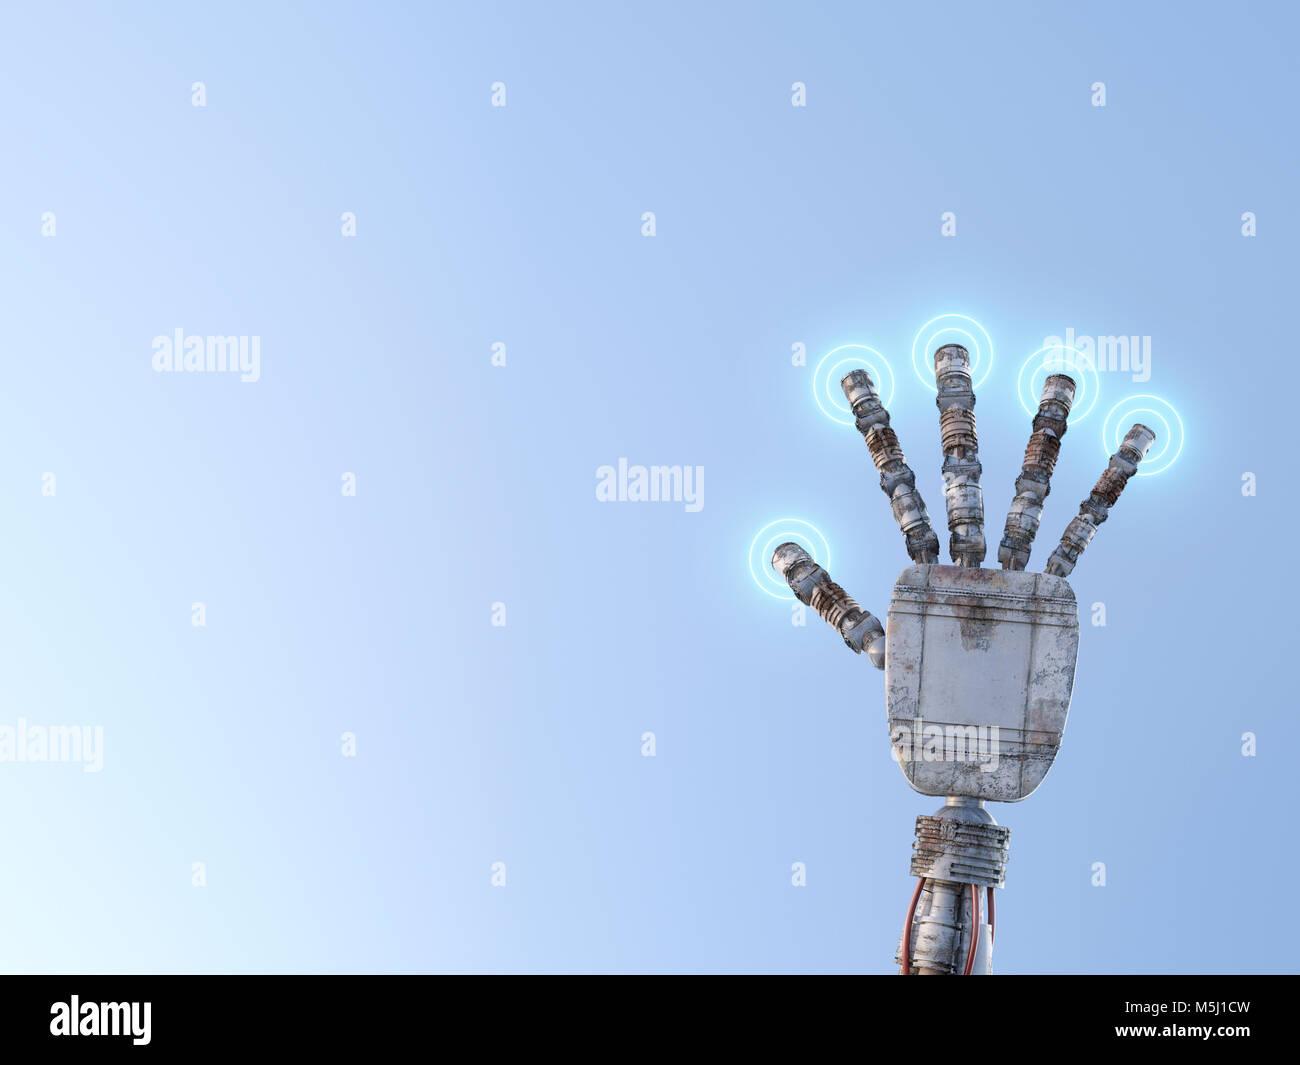 Mano di Robot premendo i pulsanti illuminati Immagini Stock